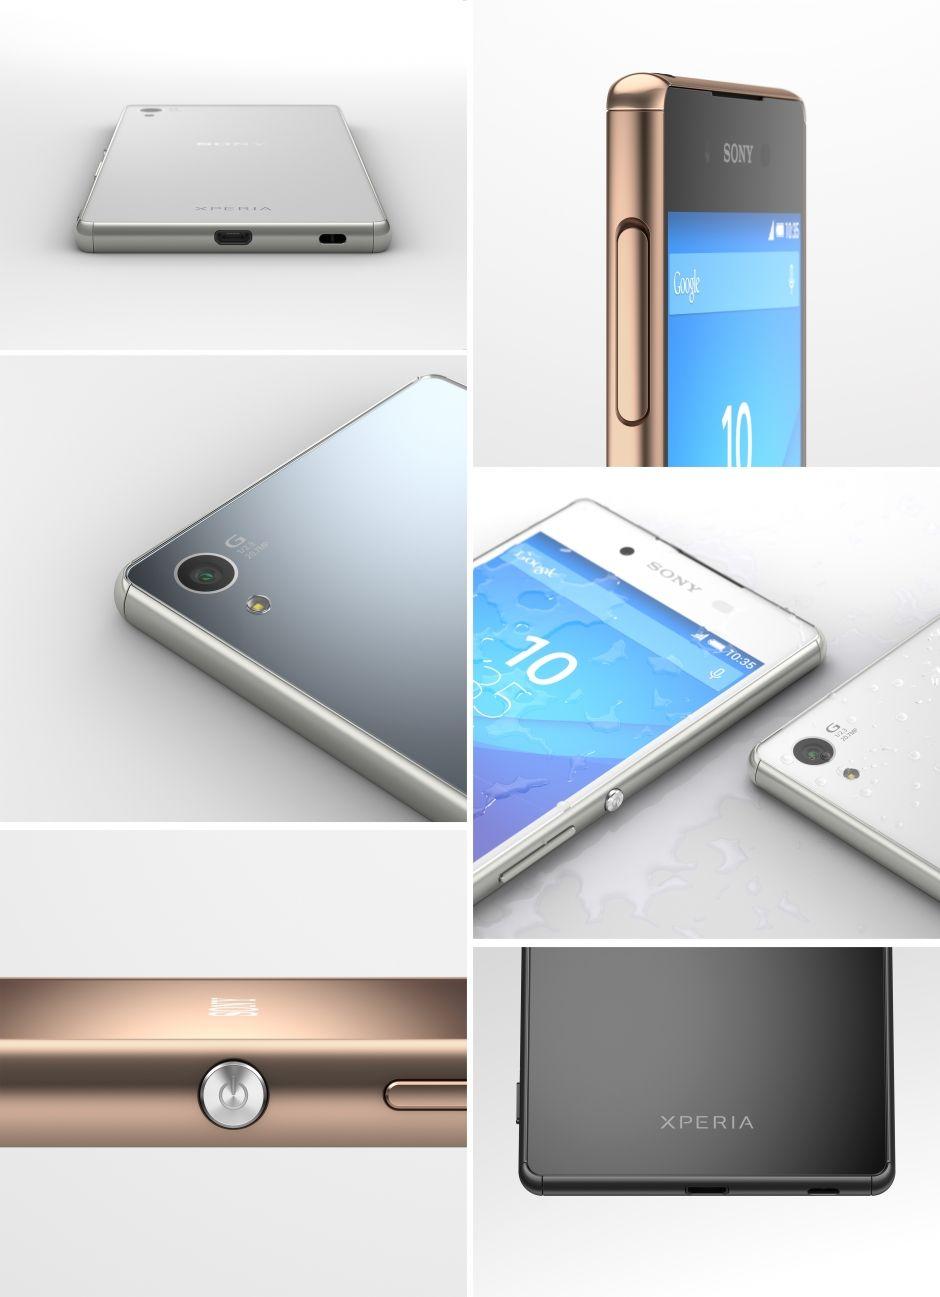 xperia-z3-plus-design-collage